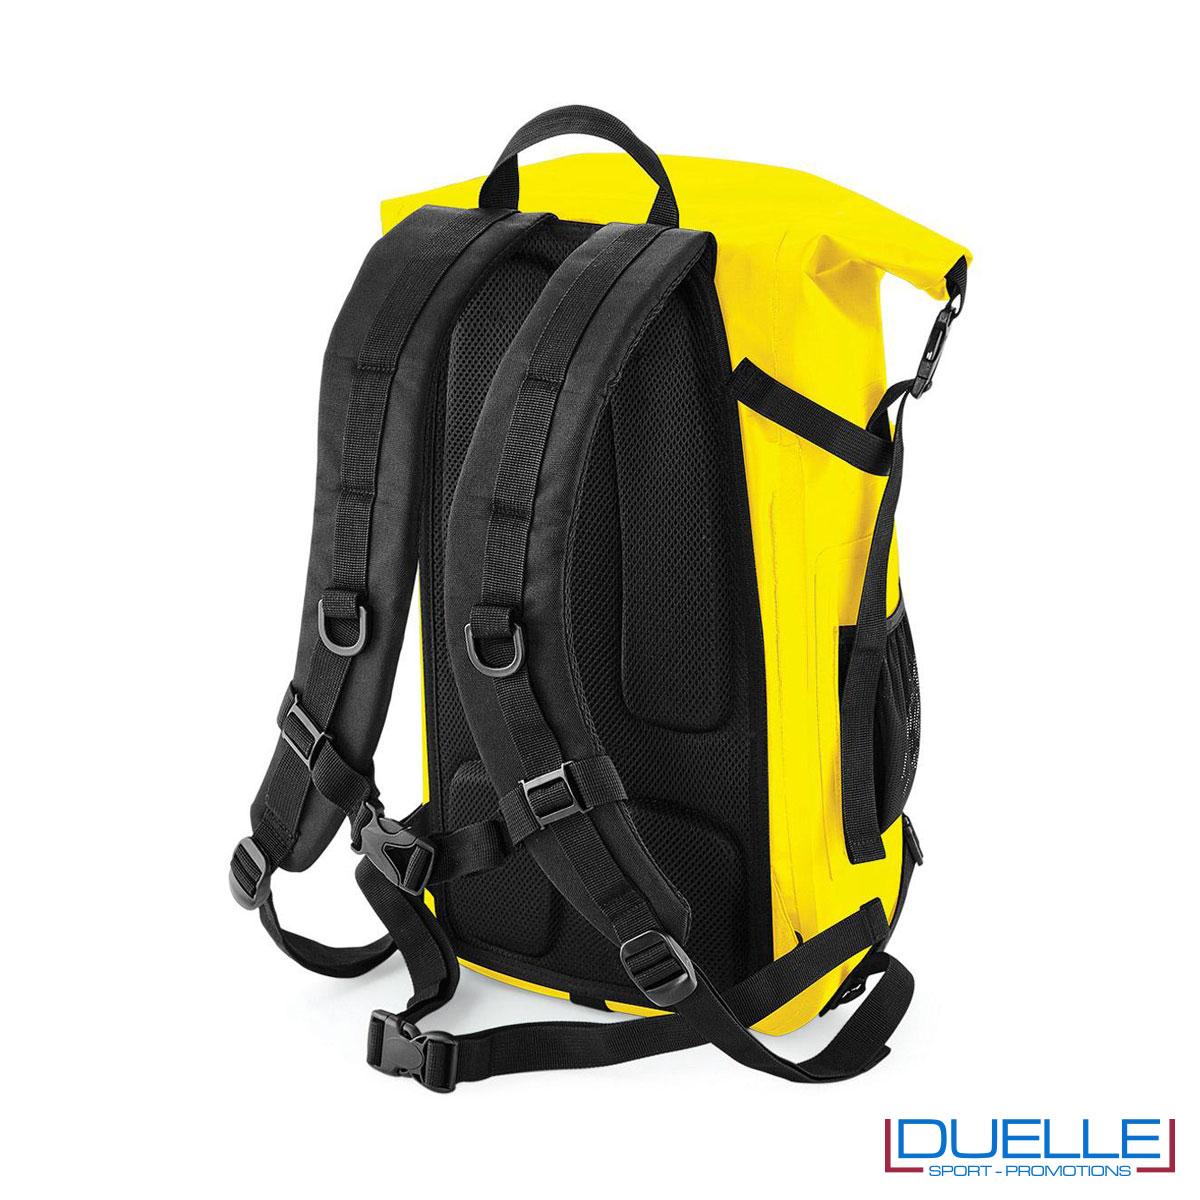 Zaino impermeabile schiena imbottita colore giallo personalizzato